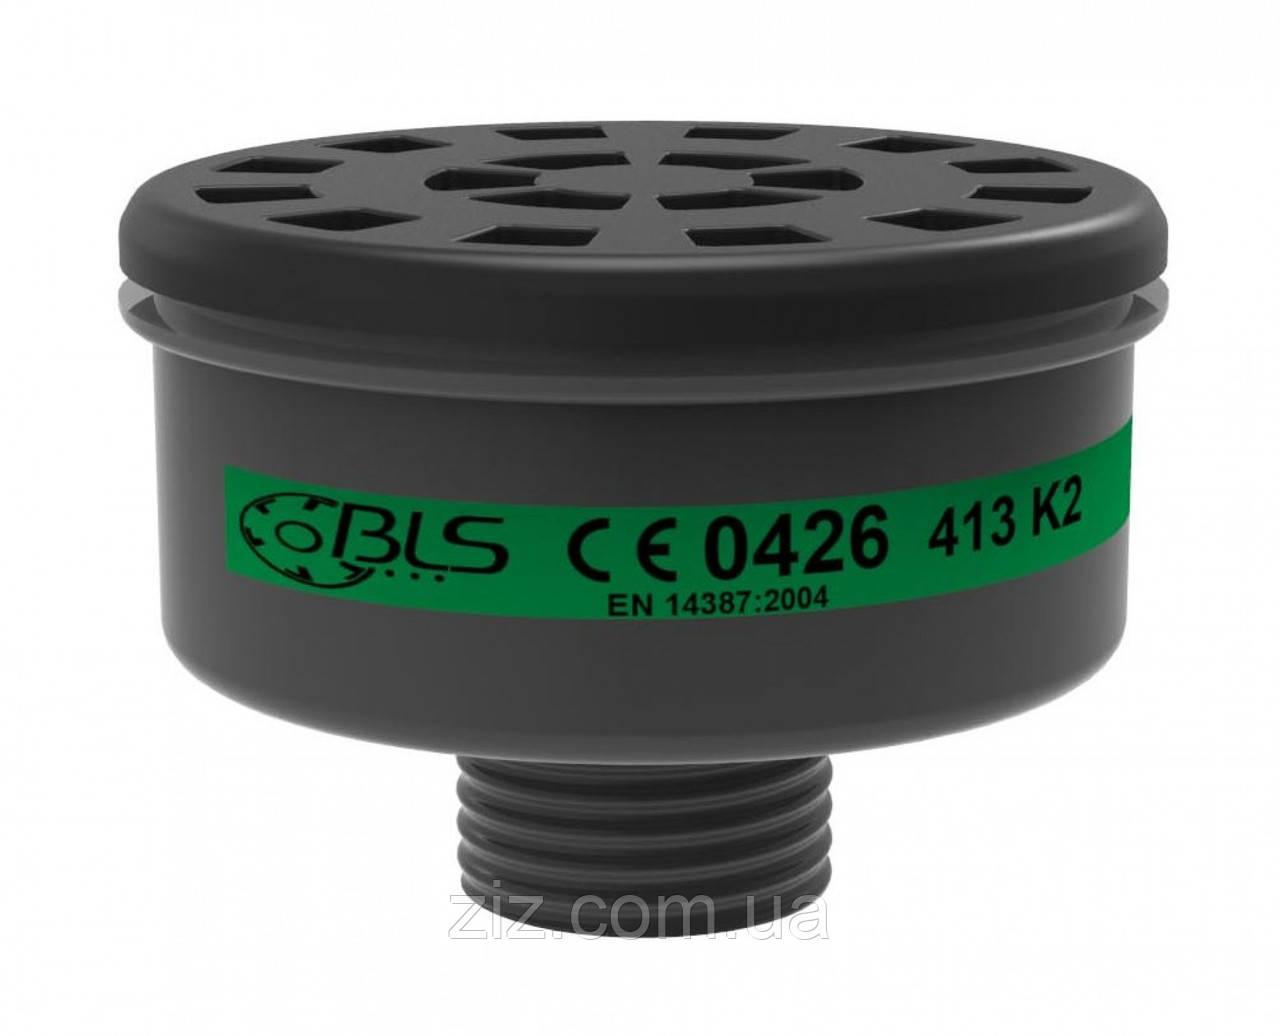 BLS 413 K2 протигазовий Фільтр